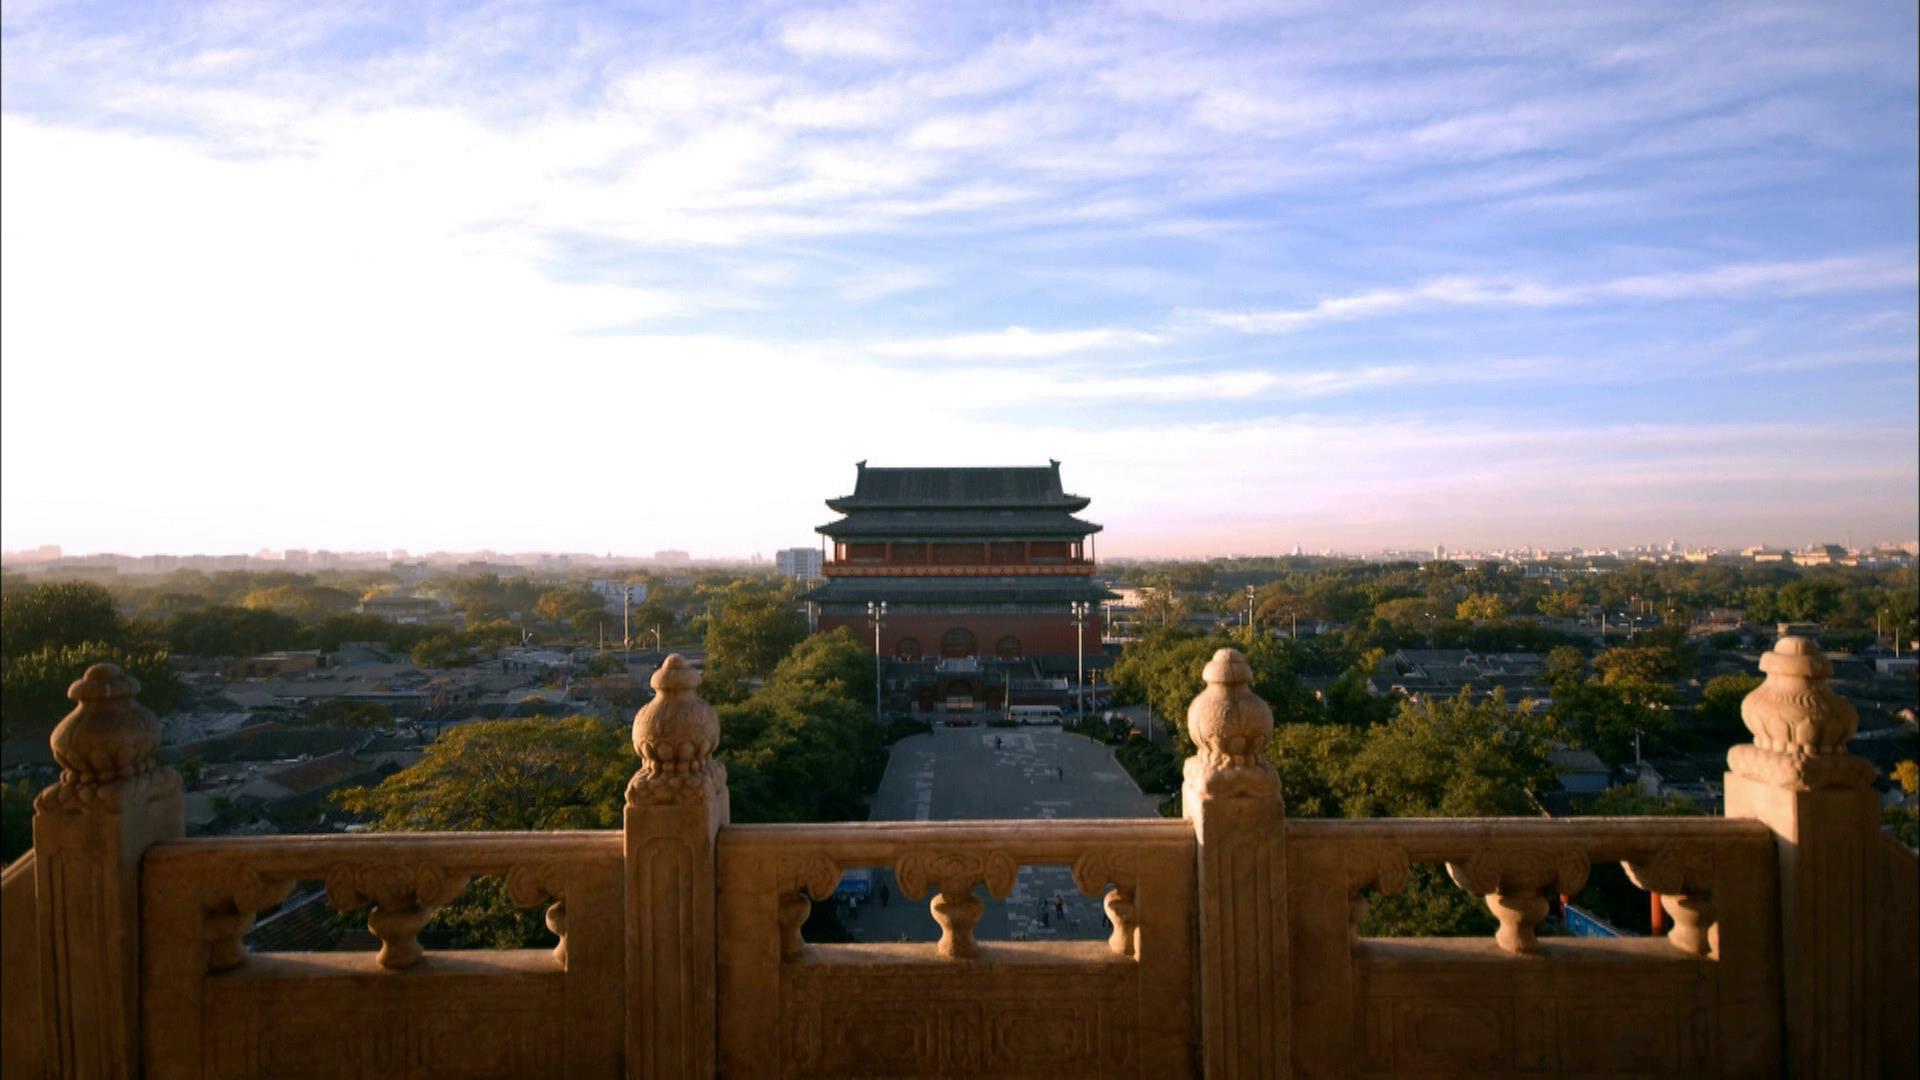 北京街道人流风景高清实拍视频素材